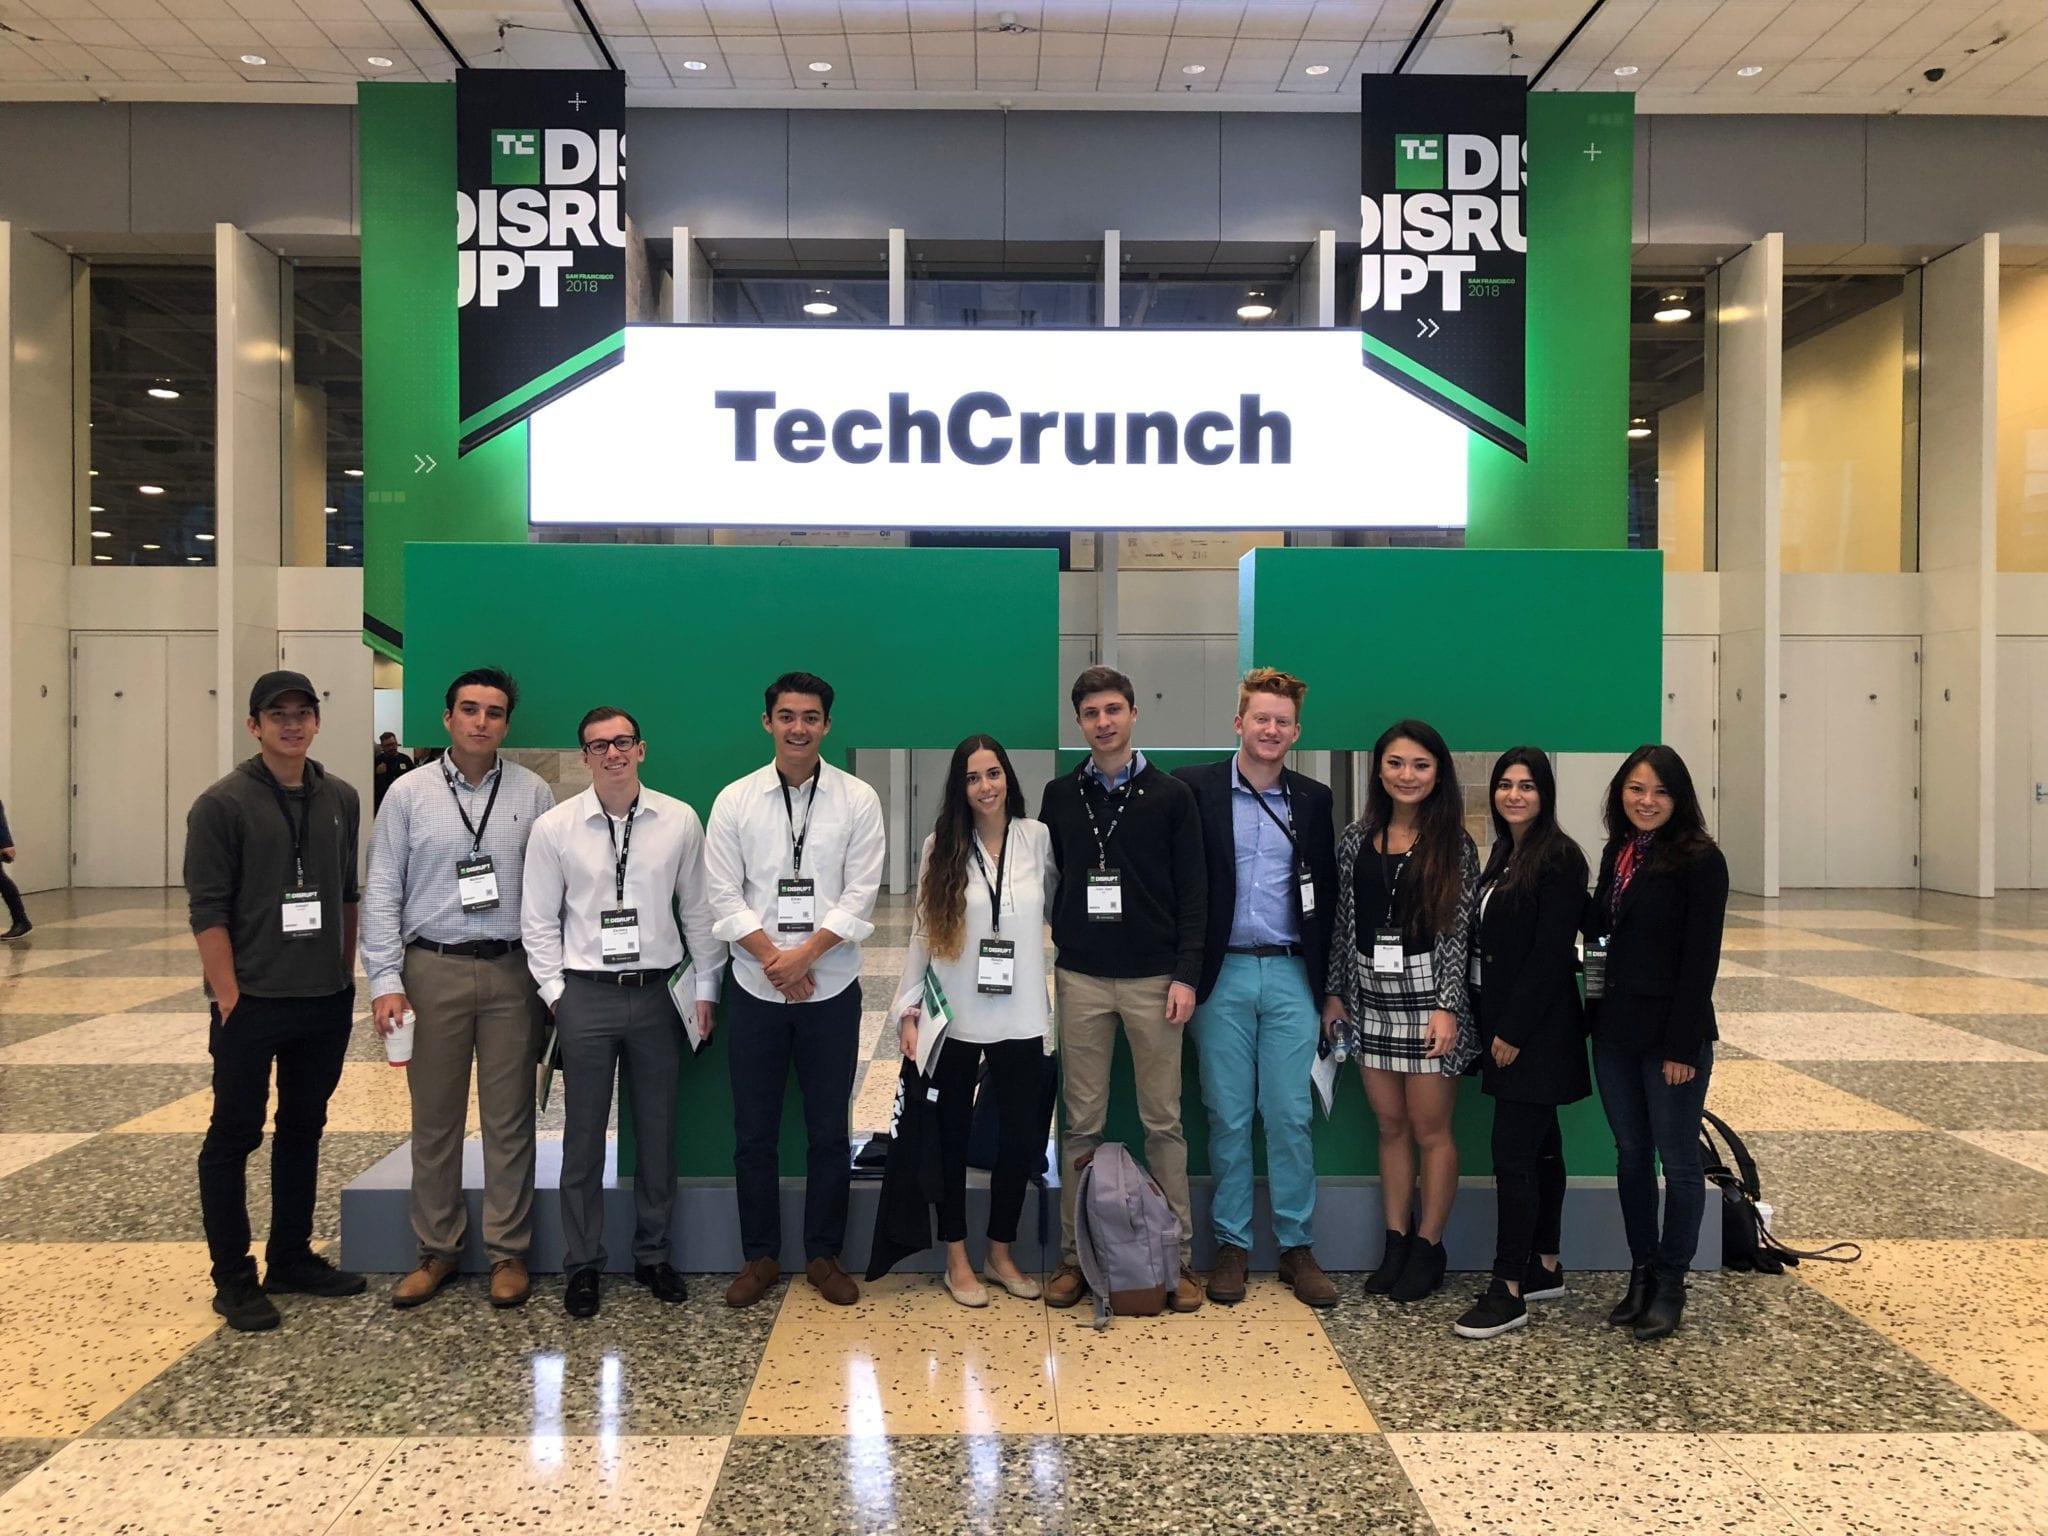 LMU's delegation at TechCrunch